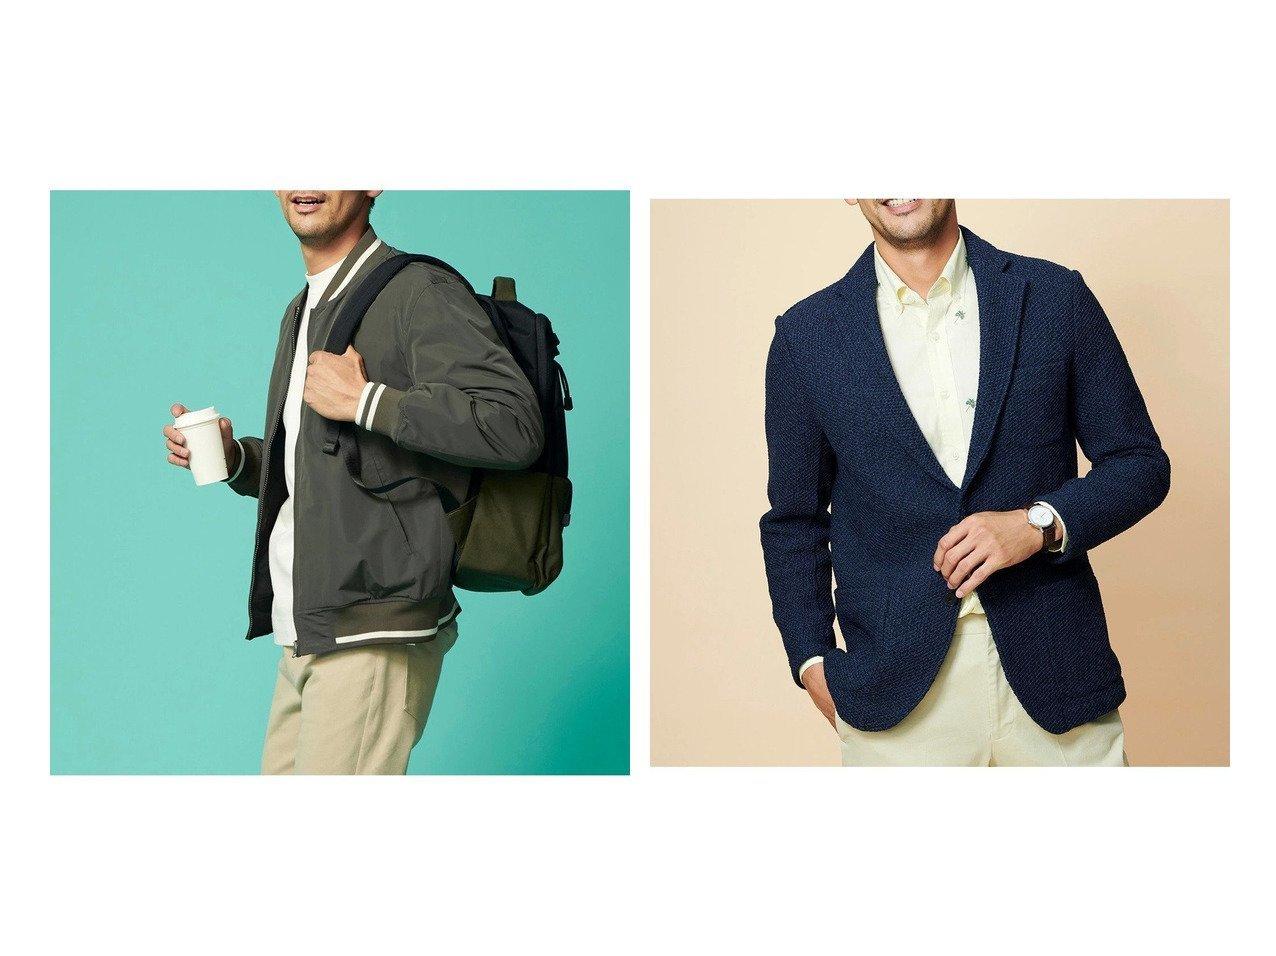 【DoCLASSE / MEN/ドゥクラッセ】のマジカルサーモリバーシブルMA-1&楽スマニット編みジャケット 【MEN】ドゥクラッセの40代、50代の男性におすすめ!人気トレンド・メンズファッションの通販 おすすめで人気の流行・トレンド、ファッションの通販商品 メンズファッション・キッズファッション・インテリア・家具・レディースファッション・服の通販 founy(ファニー) https://founy.com/ ファッション Fashion メンズファッション MEN インナー ダウン ブルゾン ブロック リバーシブル ジャケット ストレッチ スマート |ID:crp329100000021656